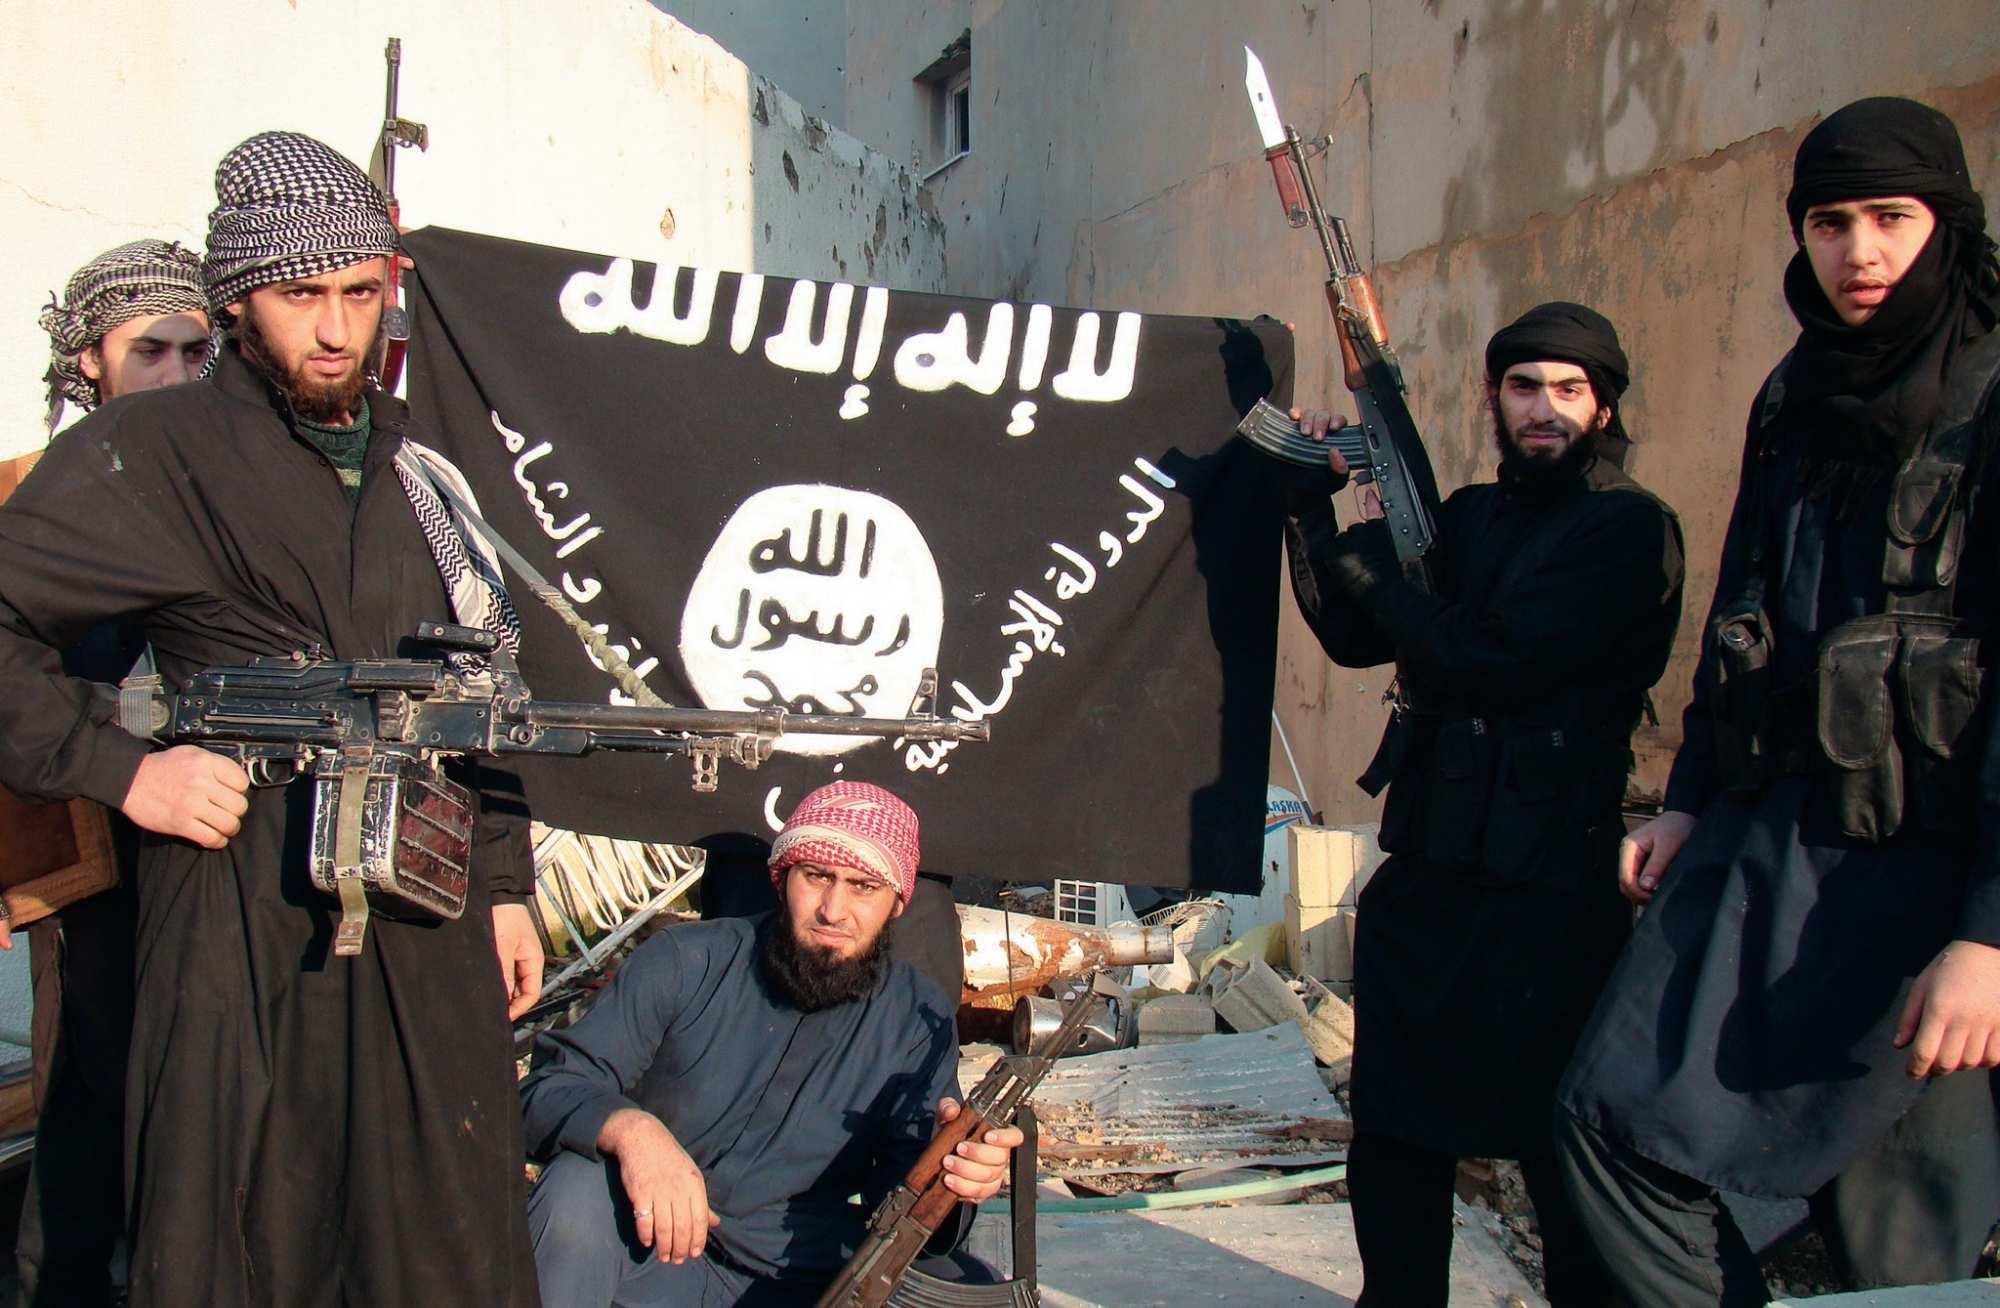 ИГИЛ заработали 500 миллионов долларов на торговле нефтью, — Минфин США | Русская весна